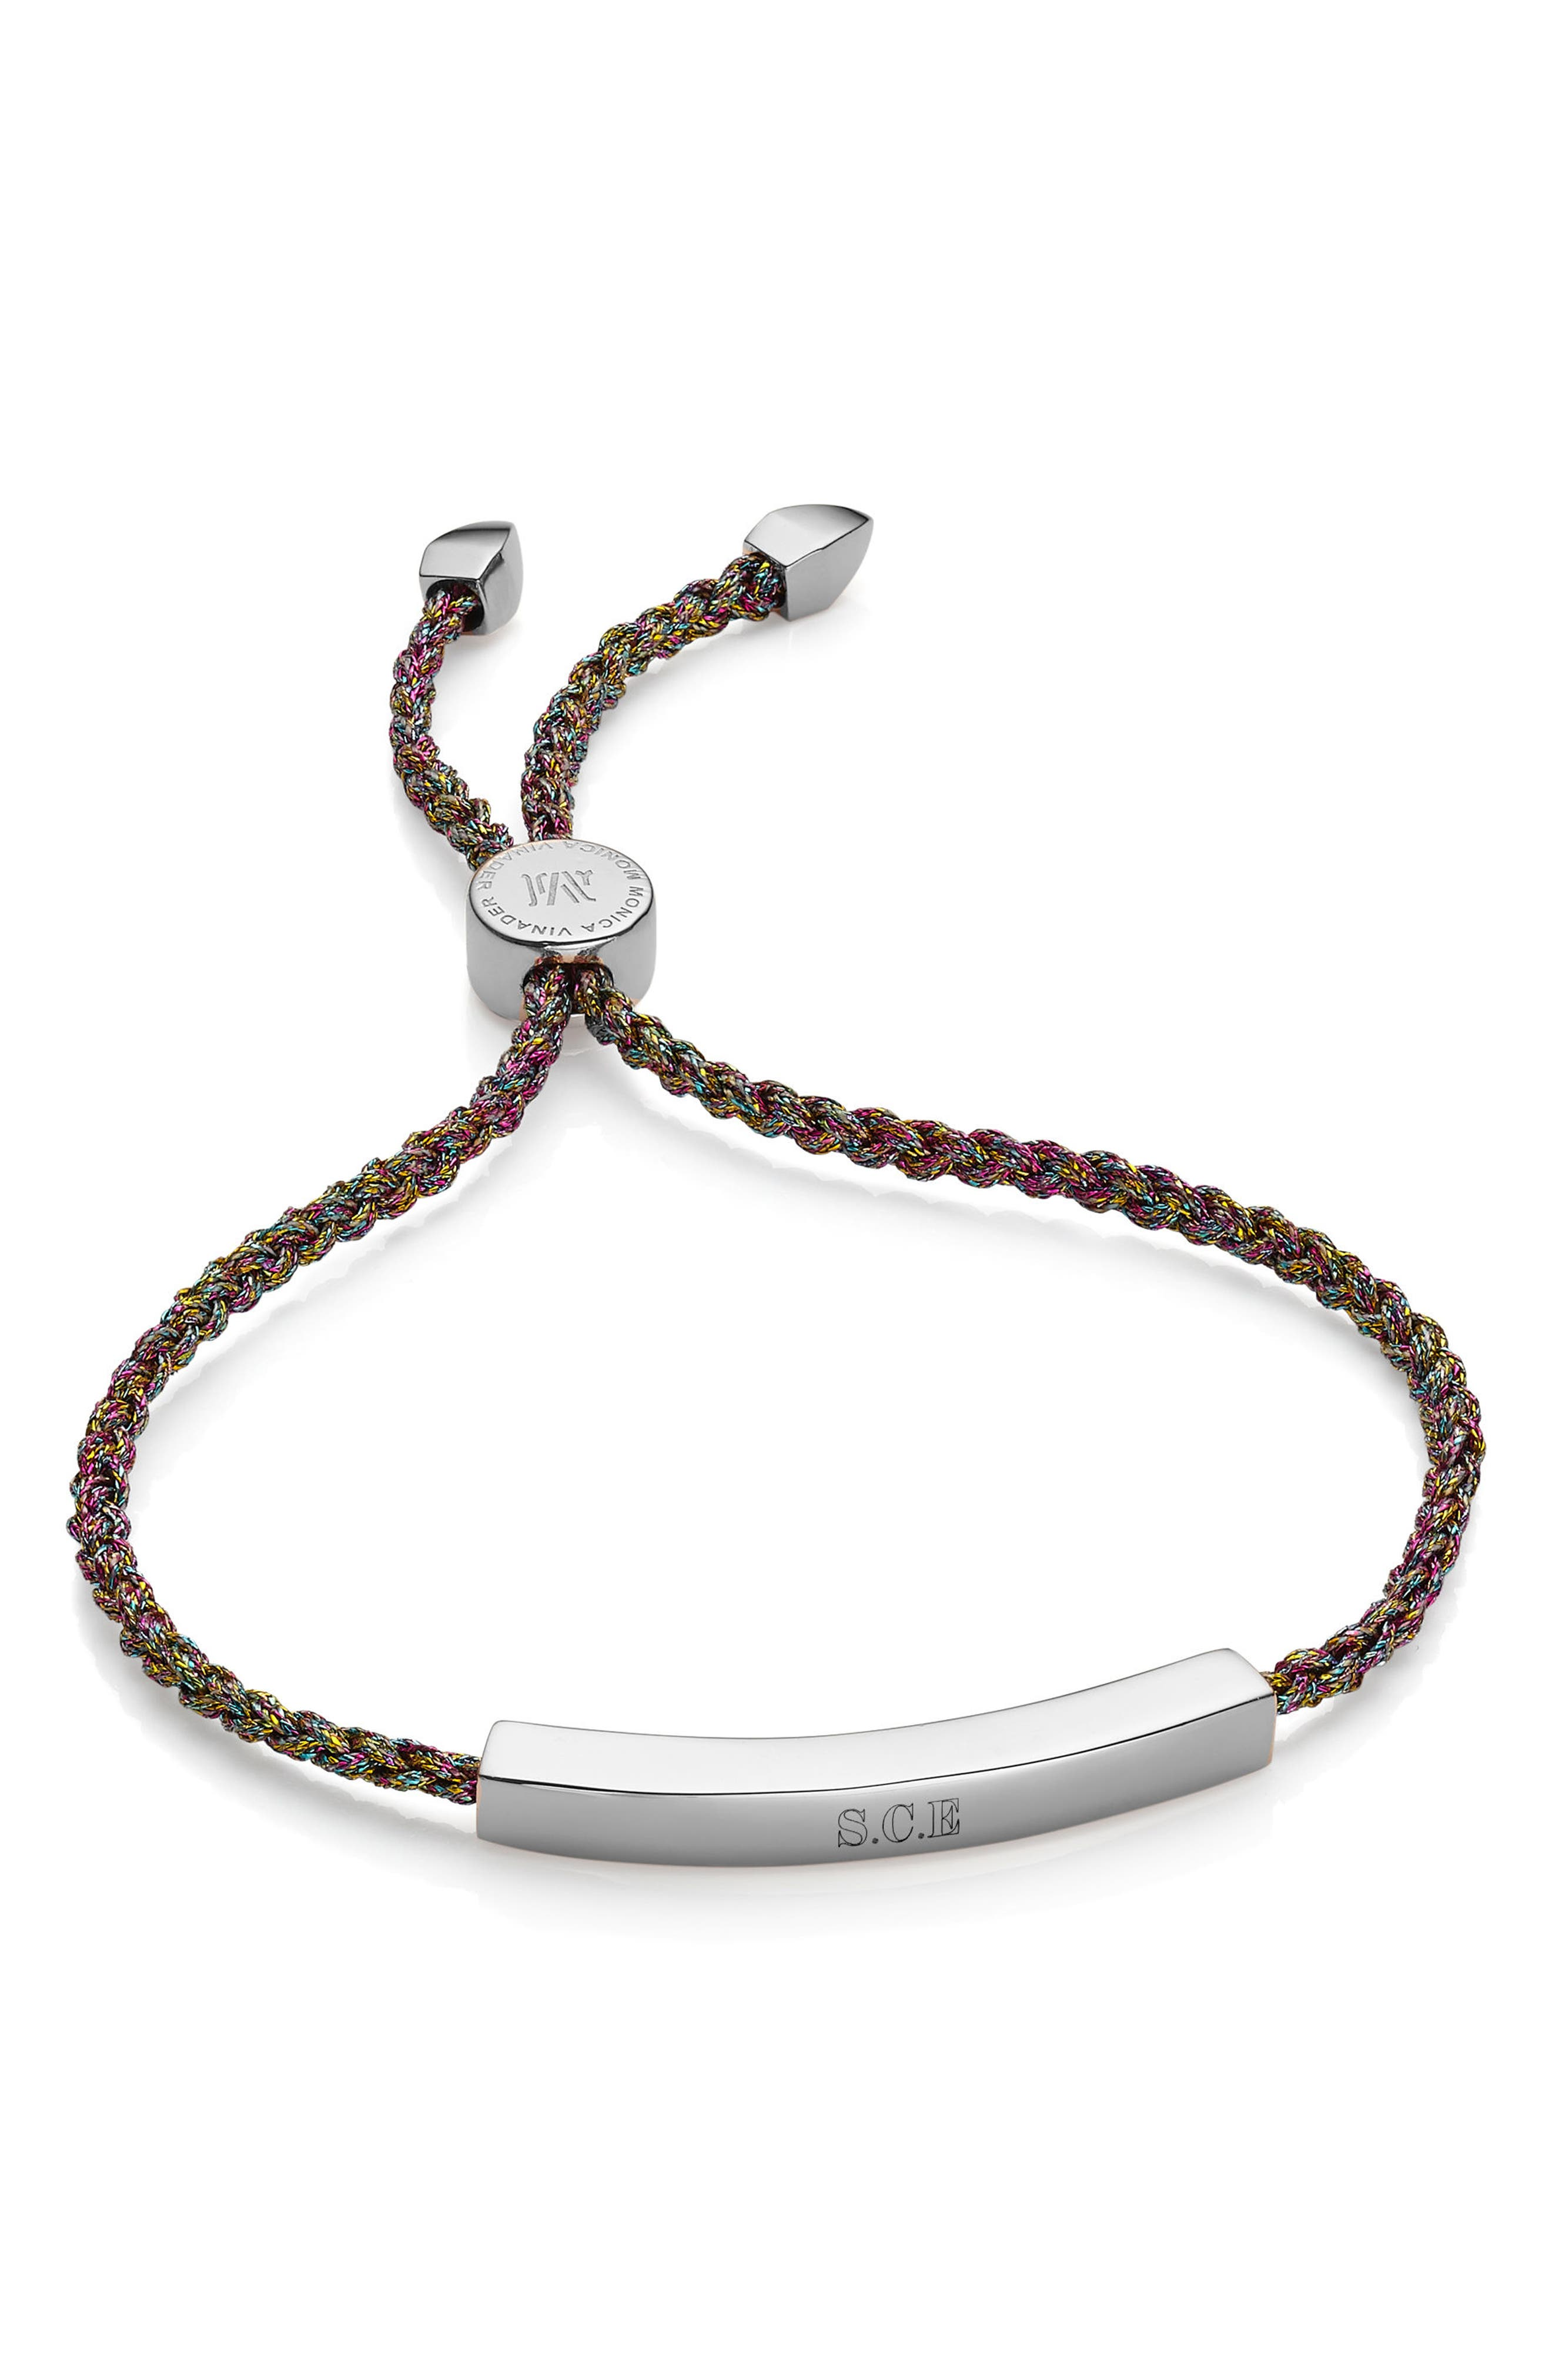 Engravable Linear Friendship Bracelet,                             Alternate thumbnail 4, color,                             SILVER/ RAINBOW